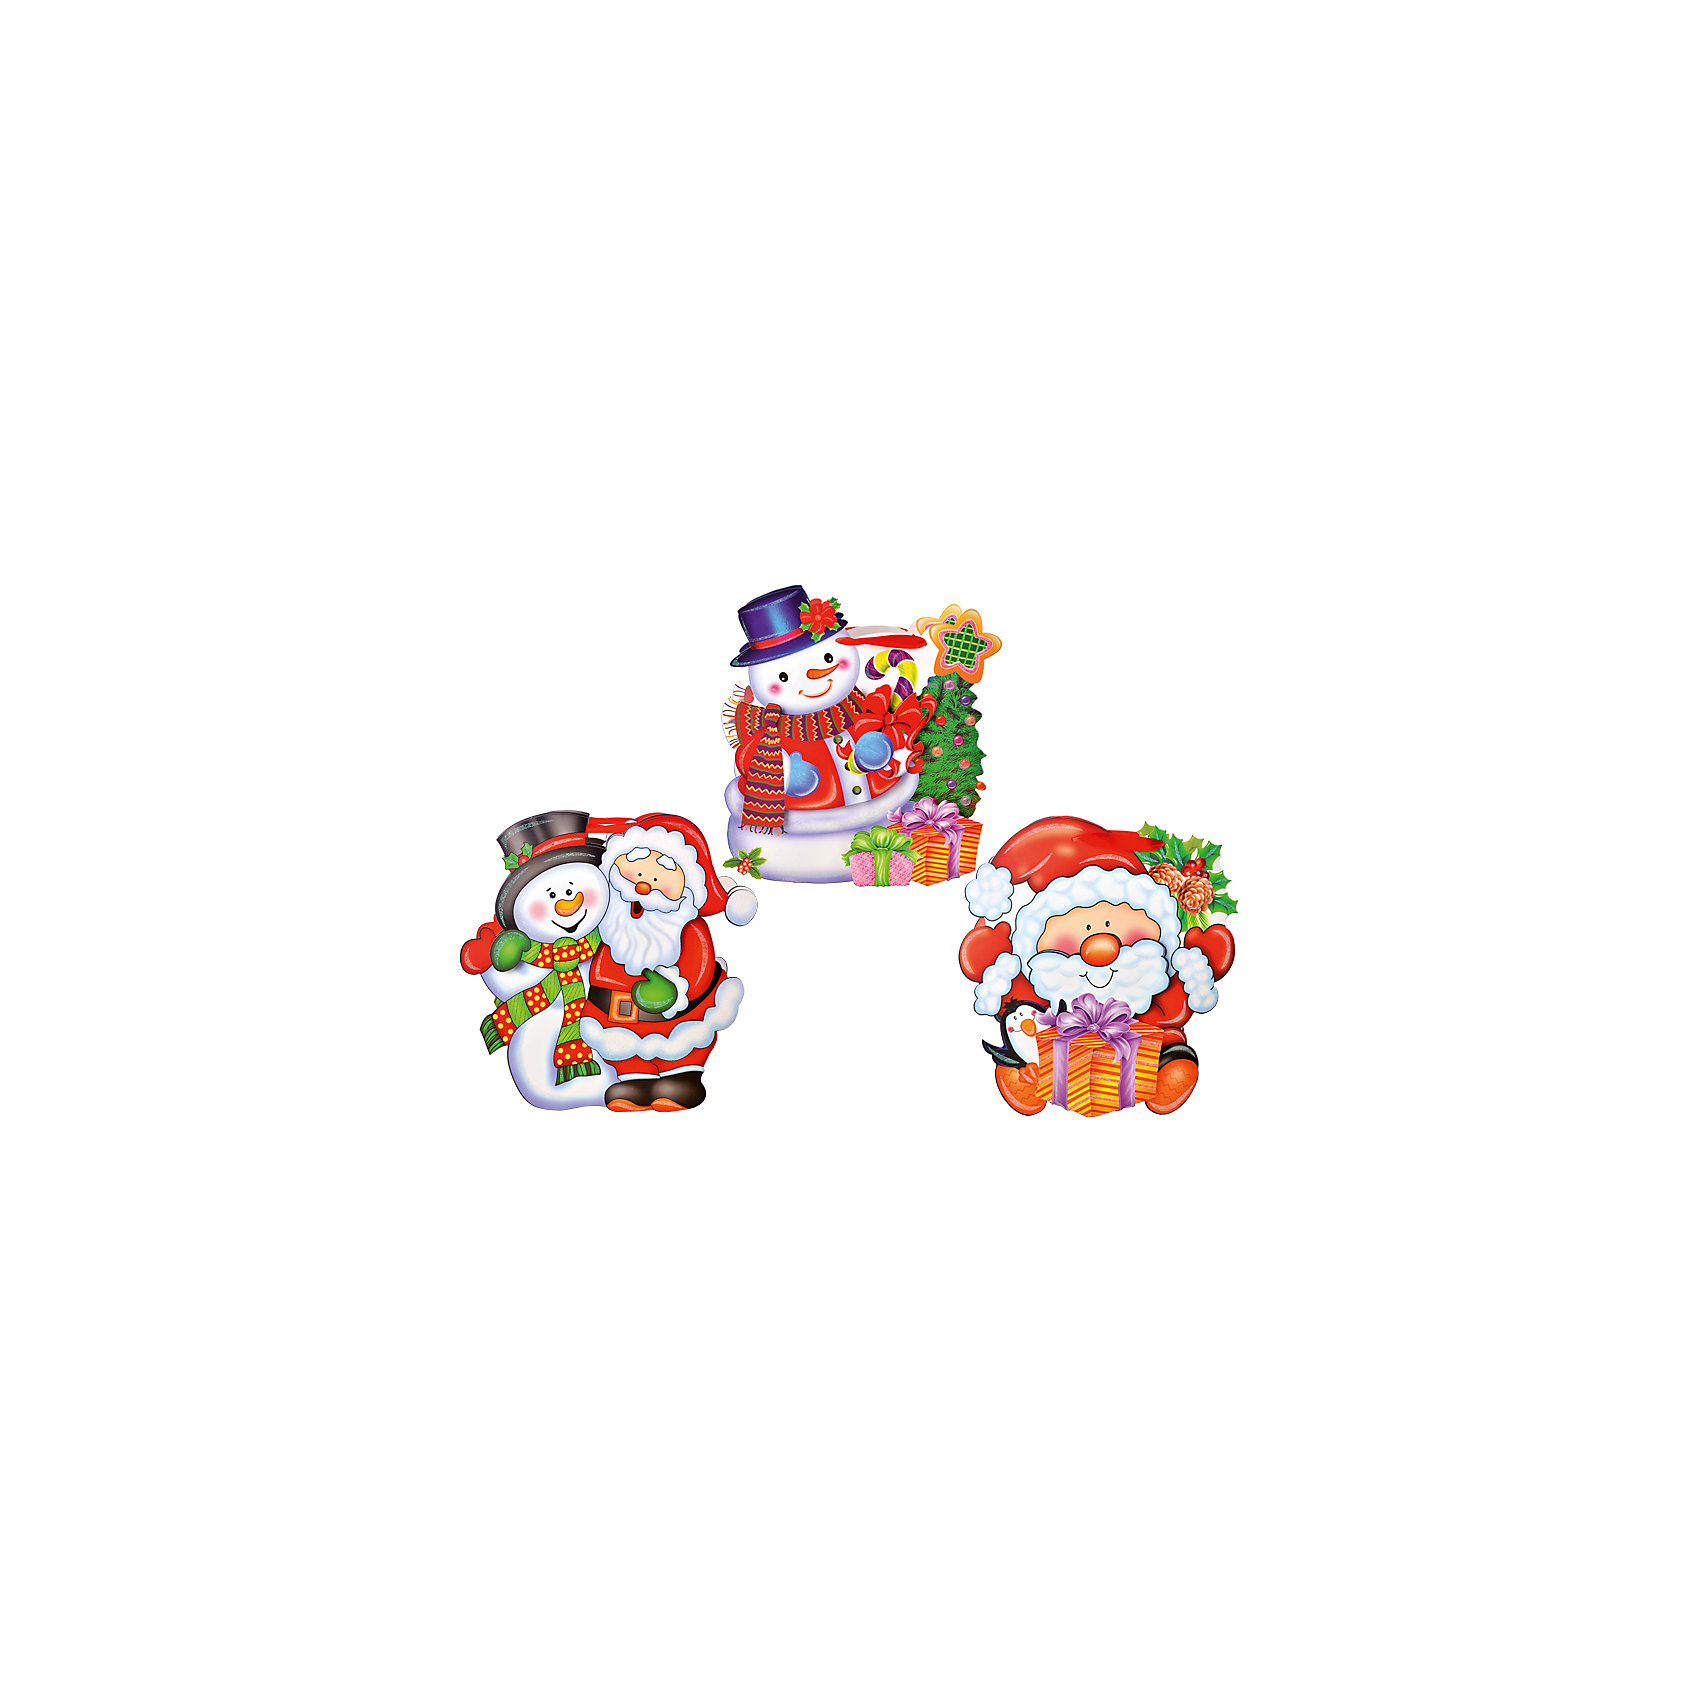 Пакет подарочный новогодний  3D, 38*34*10см, в ассортименте,Пакет подарочный новогодний  3D, 38*34*10см, в ассортименте, с изображениями Деда Мороза и Снеговика –  необходимый атрибут в период новогодних праздников, который подчеркнет Ваш подарок и добавит праздничного настроения. Упаковка подарков в пакеты – просто, удобно и нарядно!<br><br>Дополнительная информация:<br>-Материалы: плотная бумага<br>-Размеры: 38х34х10 см<br>-Вес в упаковке: 80 г<br><br>Пакет подарочный новогодний  3D, 38*34*10см, в ассортименте, можно купить в нашем магазине.<br><br>Ширина мм: 380<br>Глубина мм: 340<br>Высота мм: 100<br>Вес г: 80<br>Возраст от месяцев: 36<br>Возраст до месяцев: 1188<br>Пол: Унисекс<br>Возраст: Детский<br>SKU: 4251002